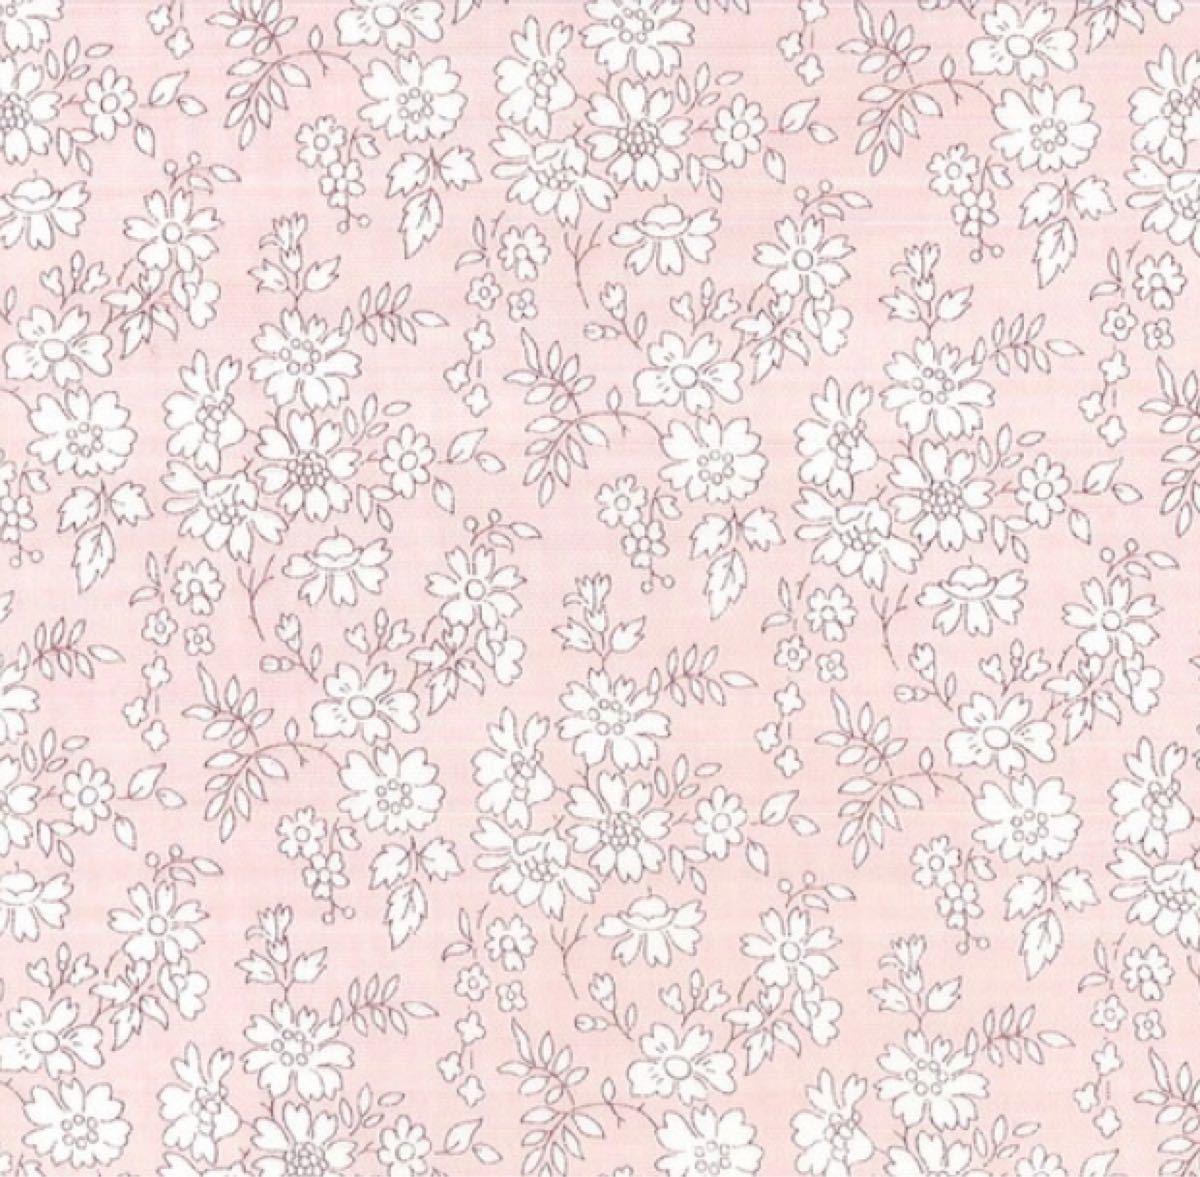 リバティ カペル ピンク 生地幅×300cm 国産タナローン  はぎれ